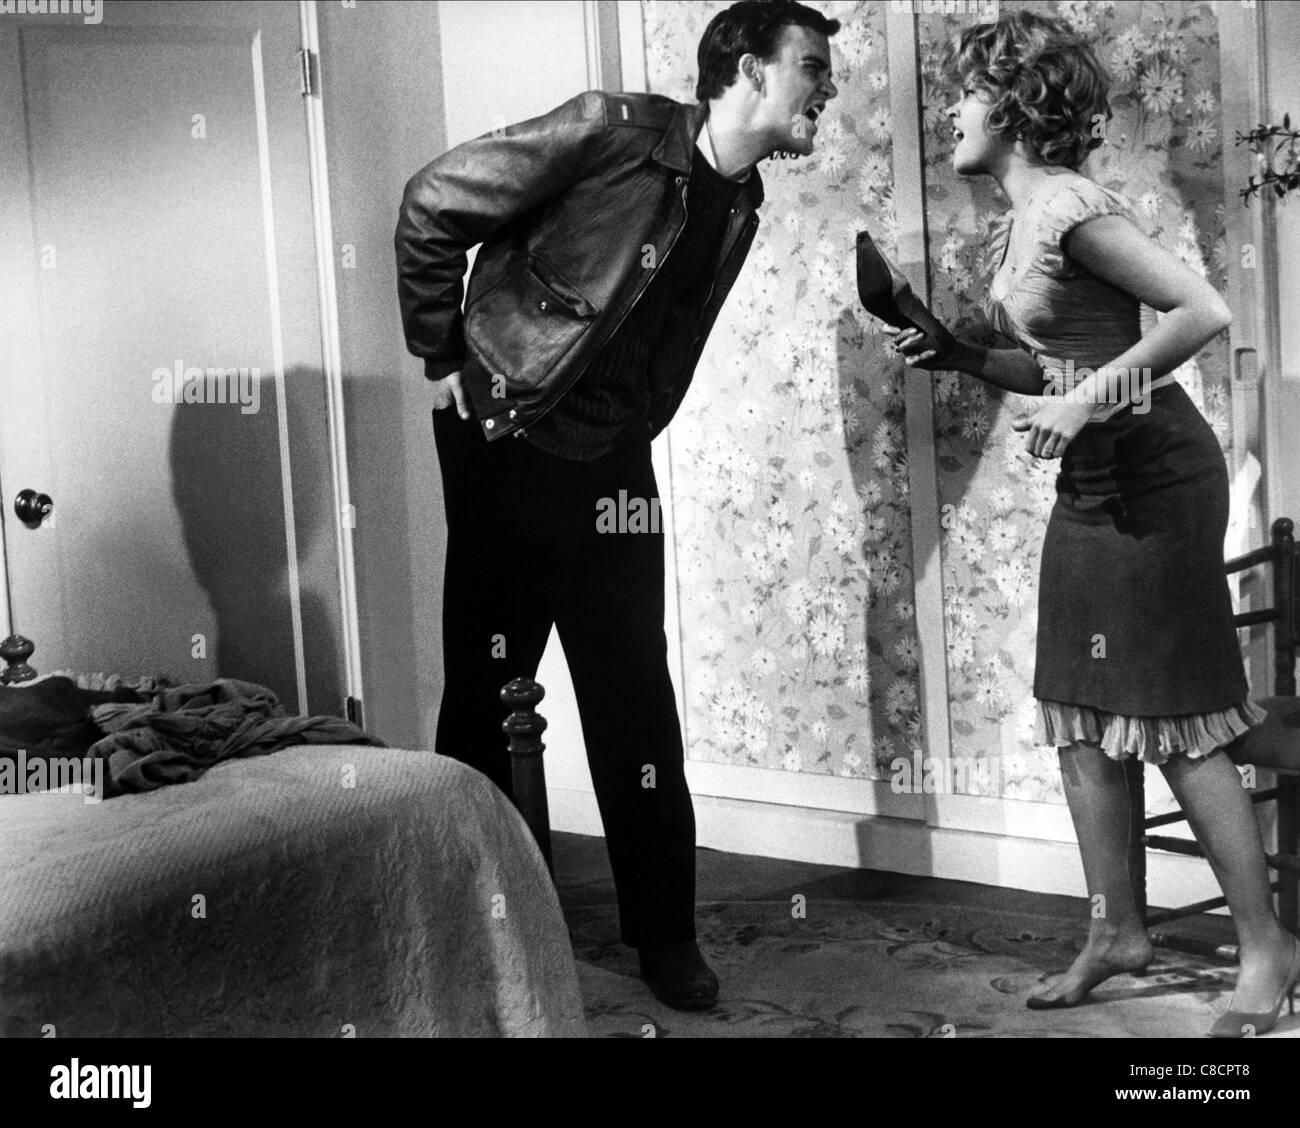 JIM HUTTON, Jane Fonda, PERIODO DI REGOLAZIONE, 1962 Immagini Stock